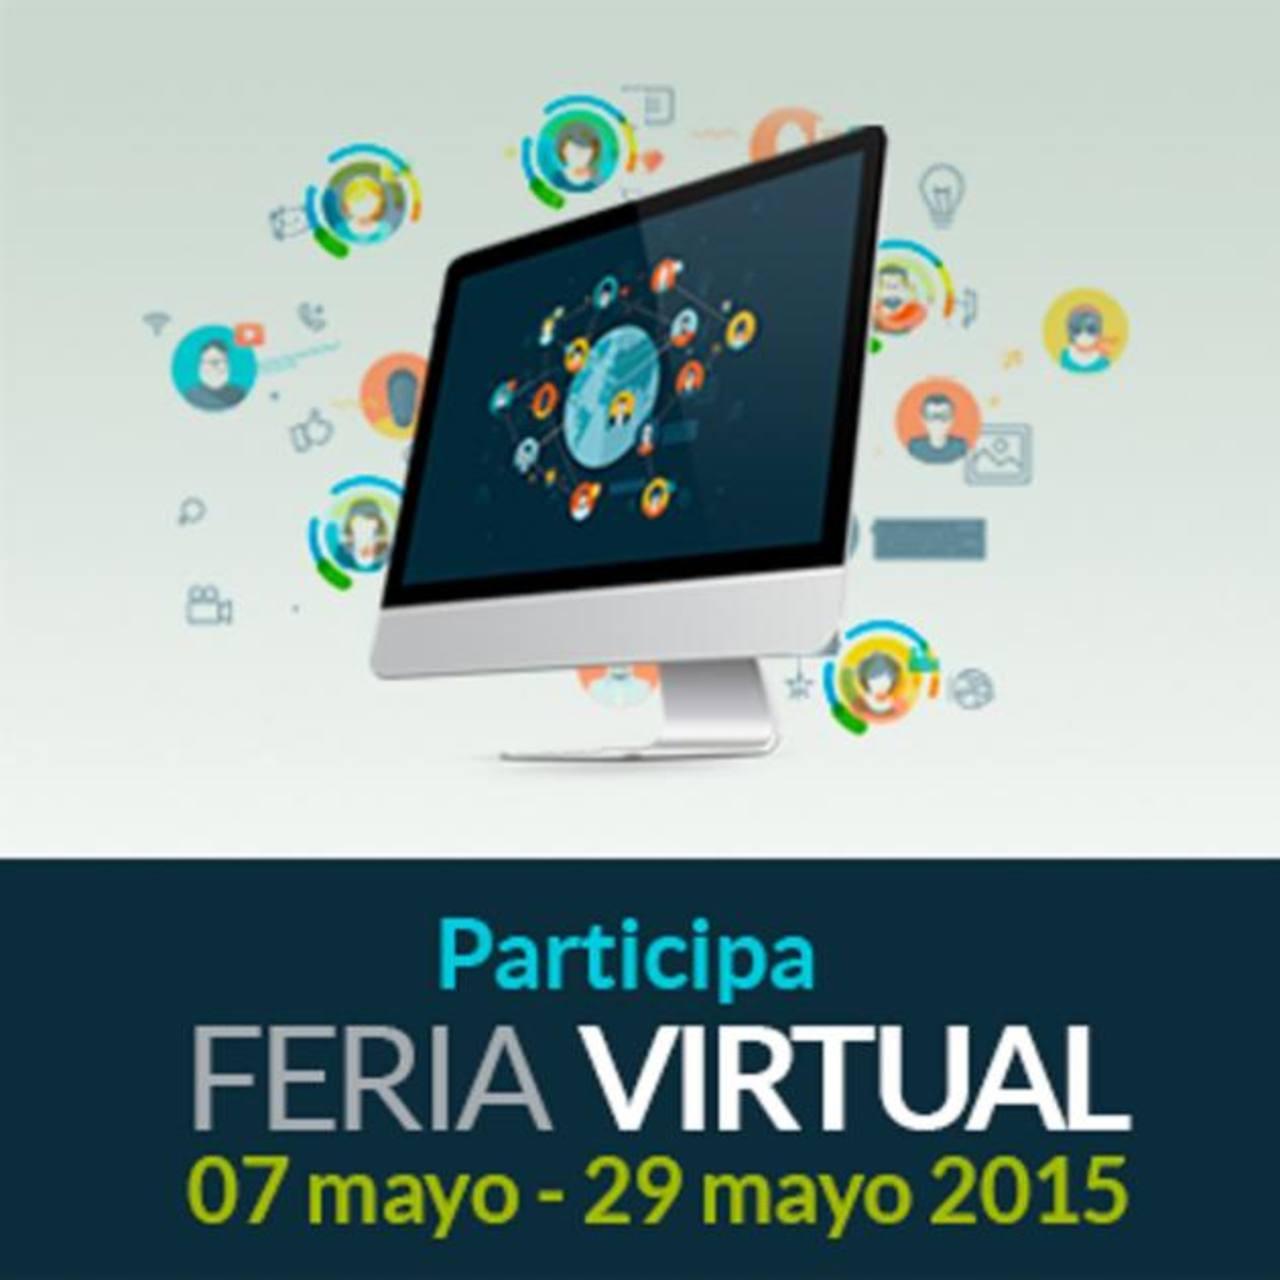 La feria comercial hará uso de una plataforma web, en donde los participantes compartirán ideas. Foto EDH/